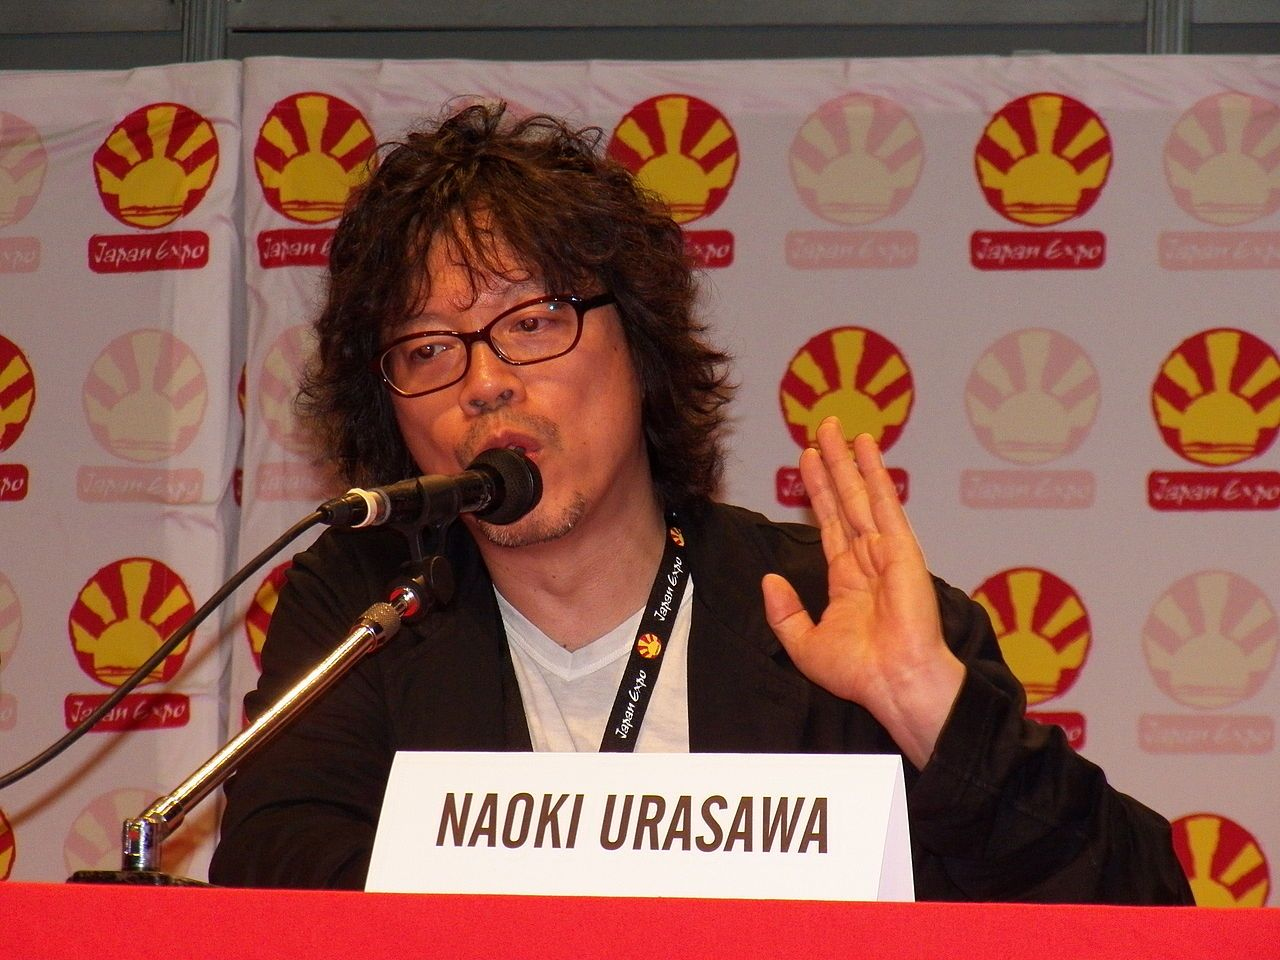 urasawa